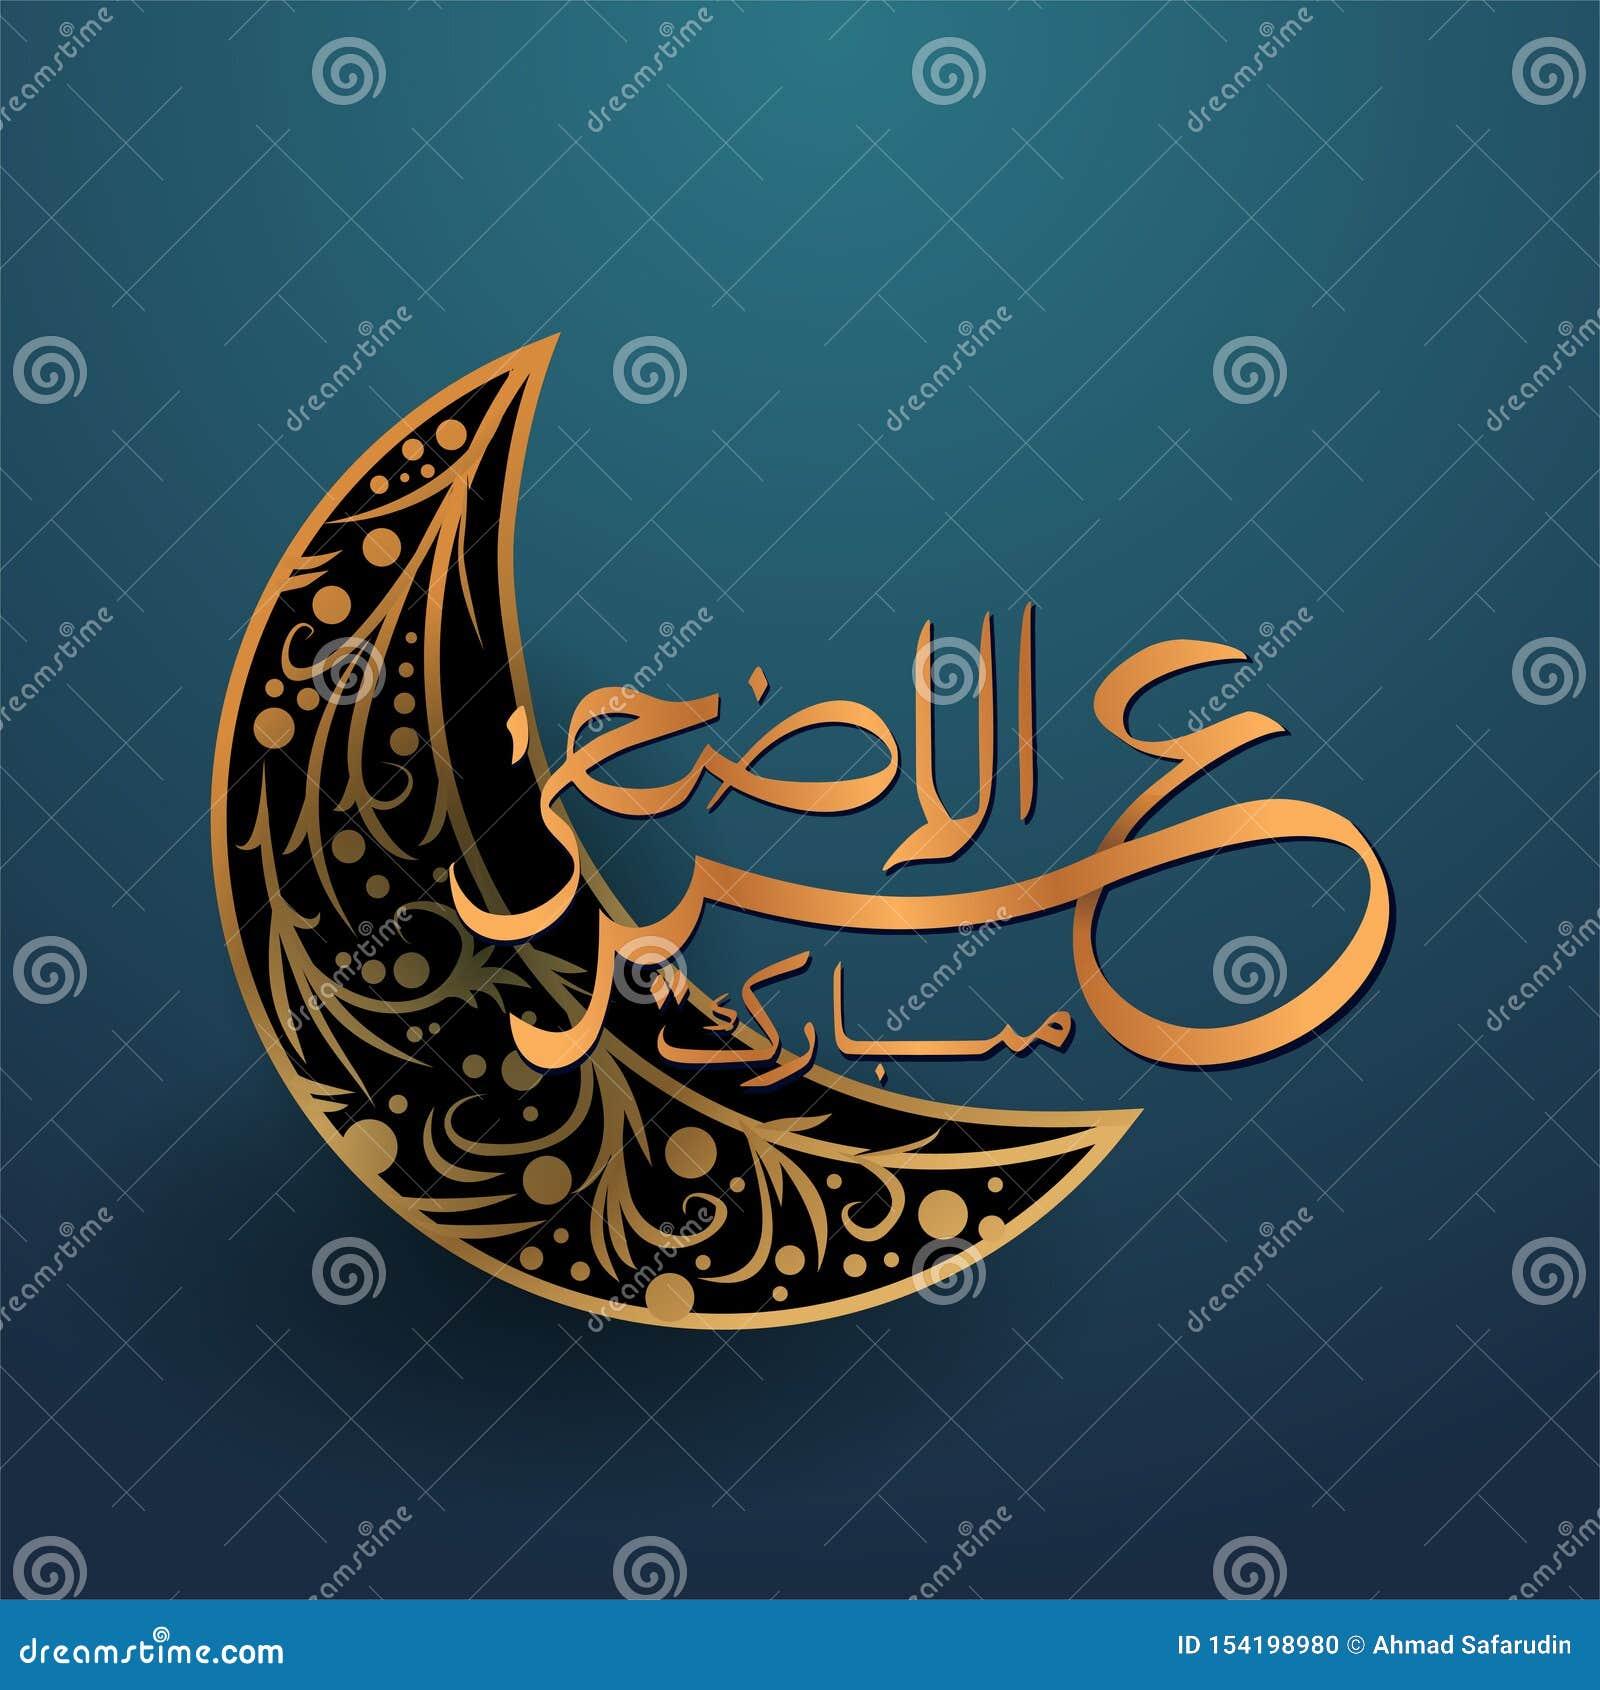 Κάρτα σχεδίου χαιρετισμού του Mubarak adha Al Eid, αφίσα, και υπόβαθρο εμβλημάτων με τη σύγχρονη κομψή αραβική καλλιγραφία και το